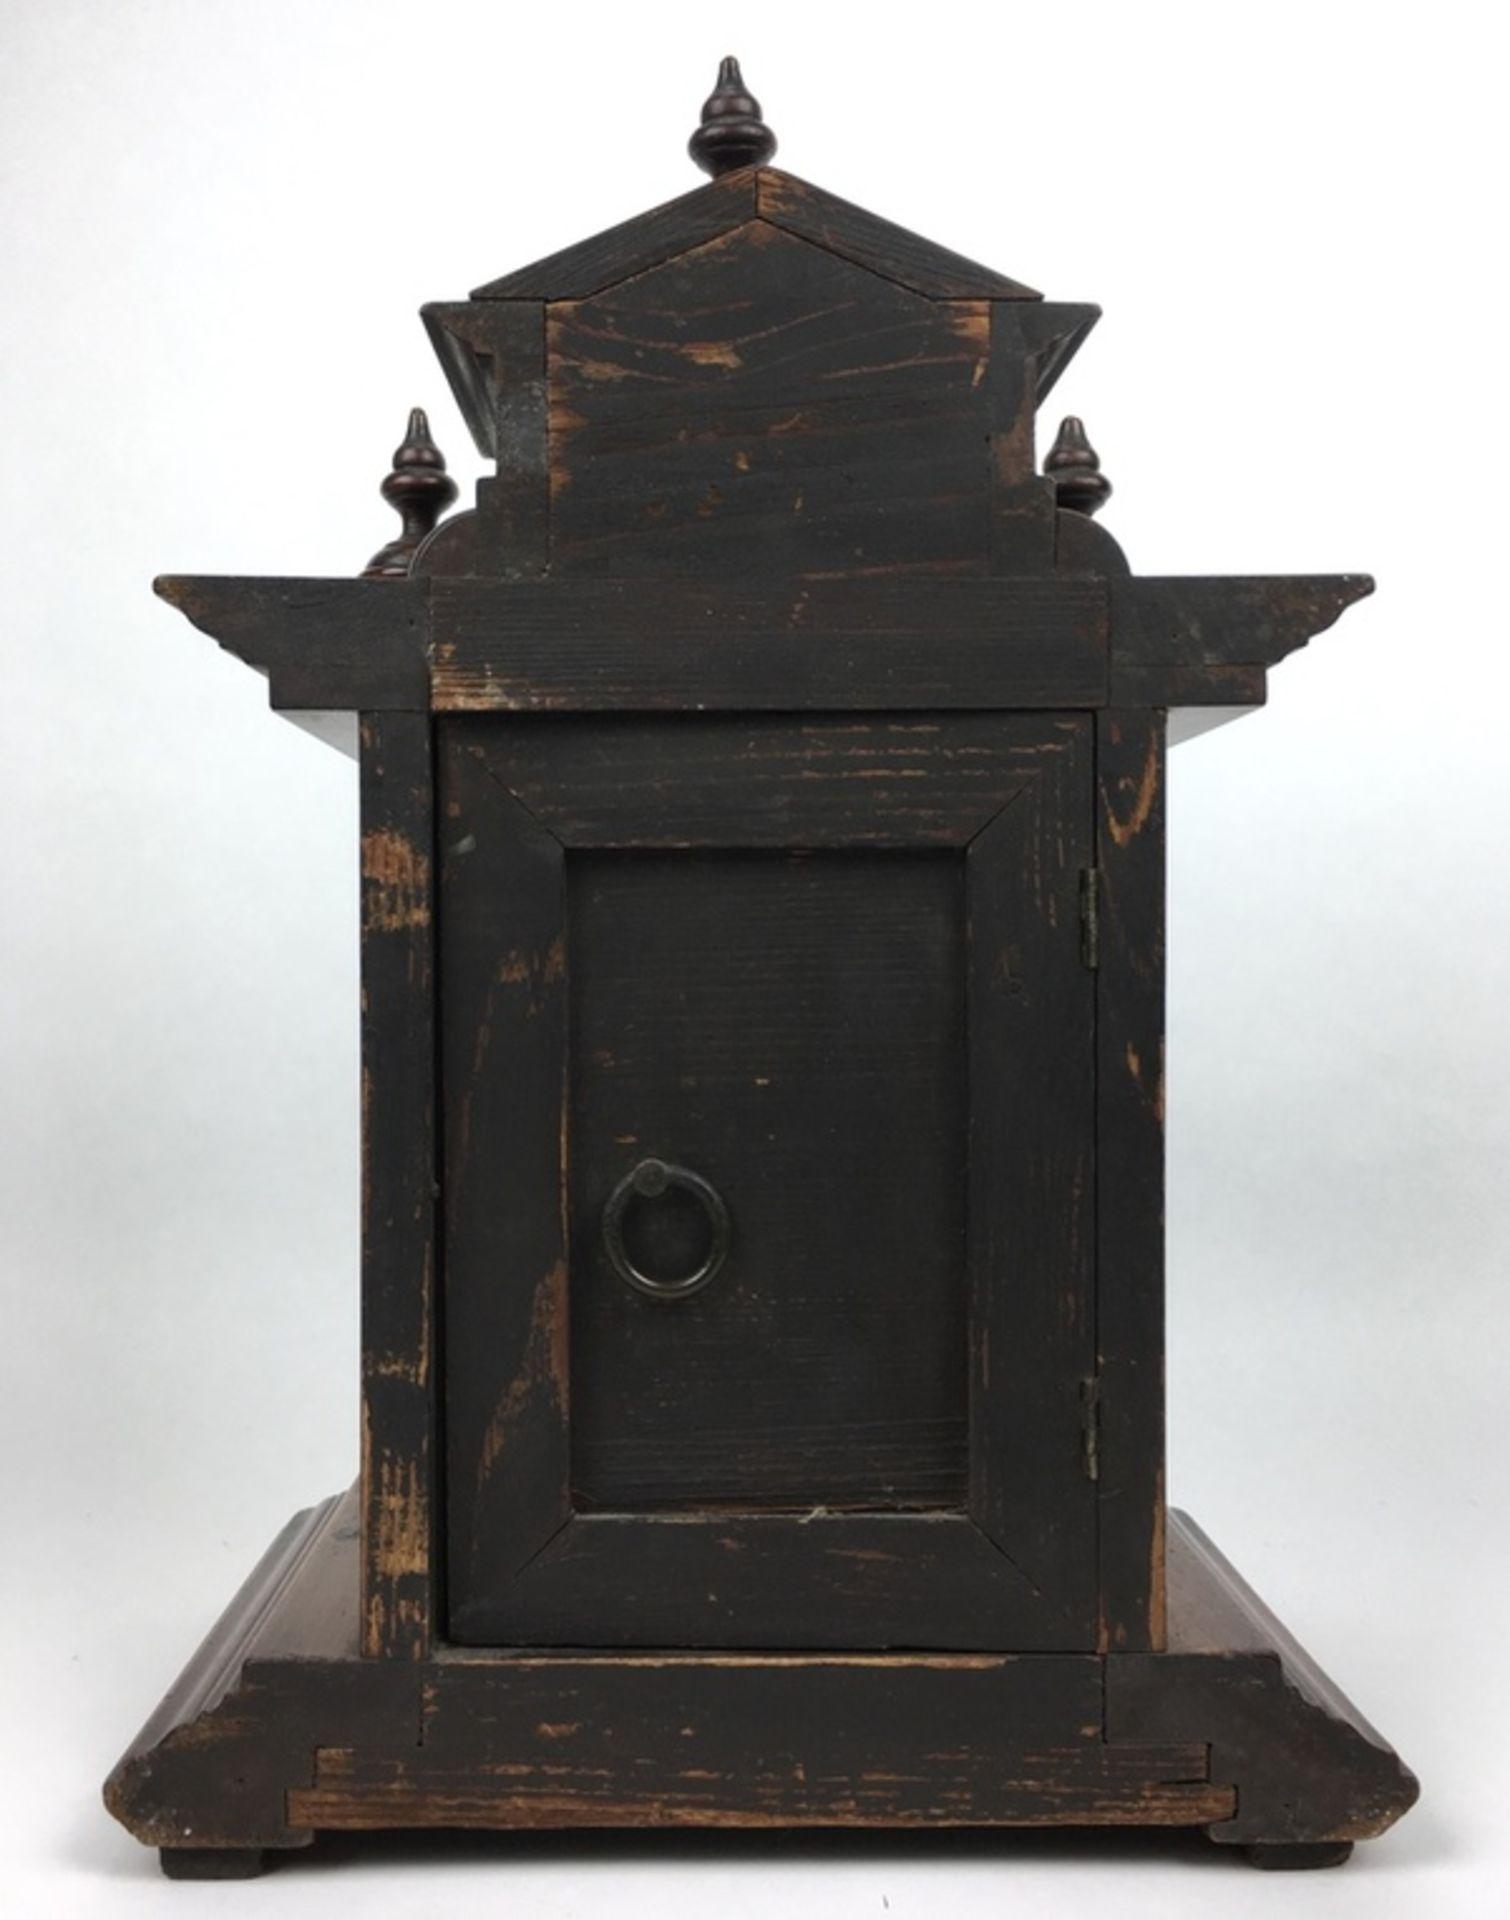 (Antiek) Tafelklok, JunghansHouten tafelklok met Junghans uurwerk en wekker. Emaille wijzerplaa - Image 3 of 7